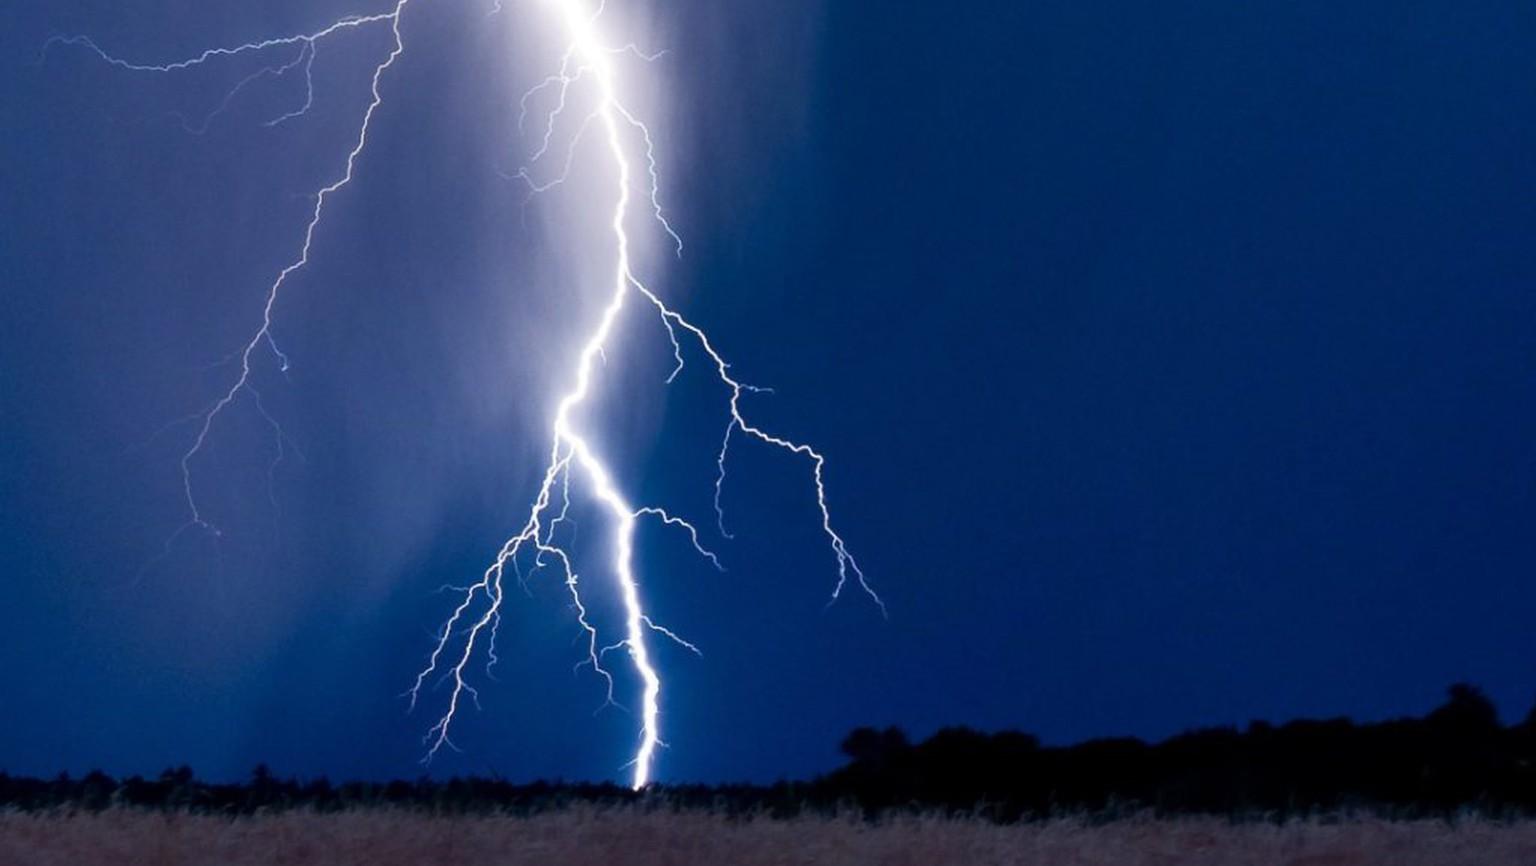 Wo schlägt der Blitz am unwahrscheinlichsten ein? - watson